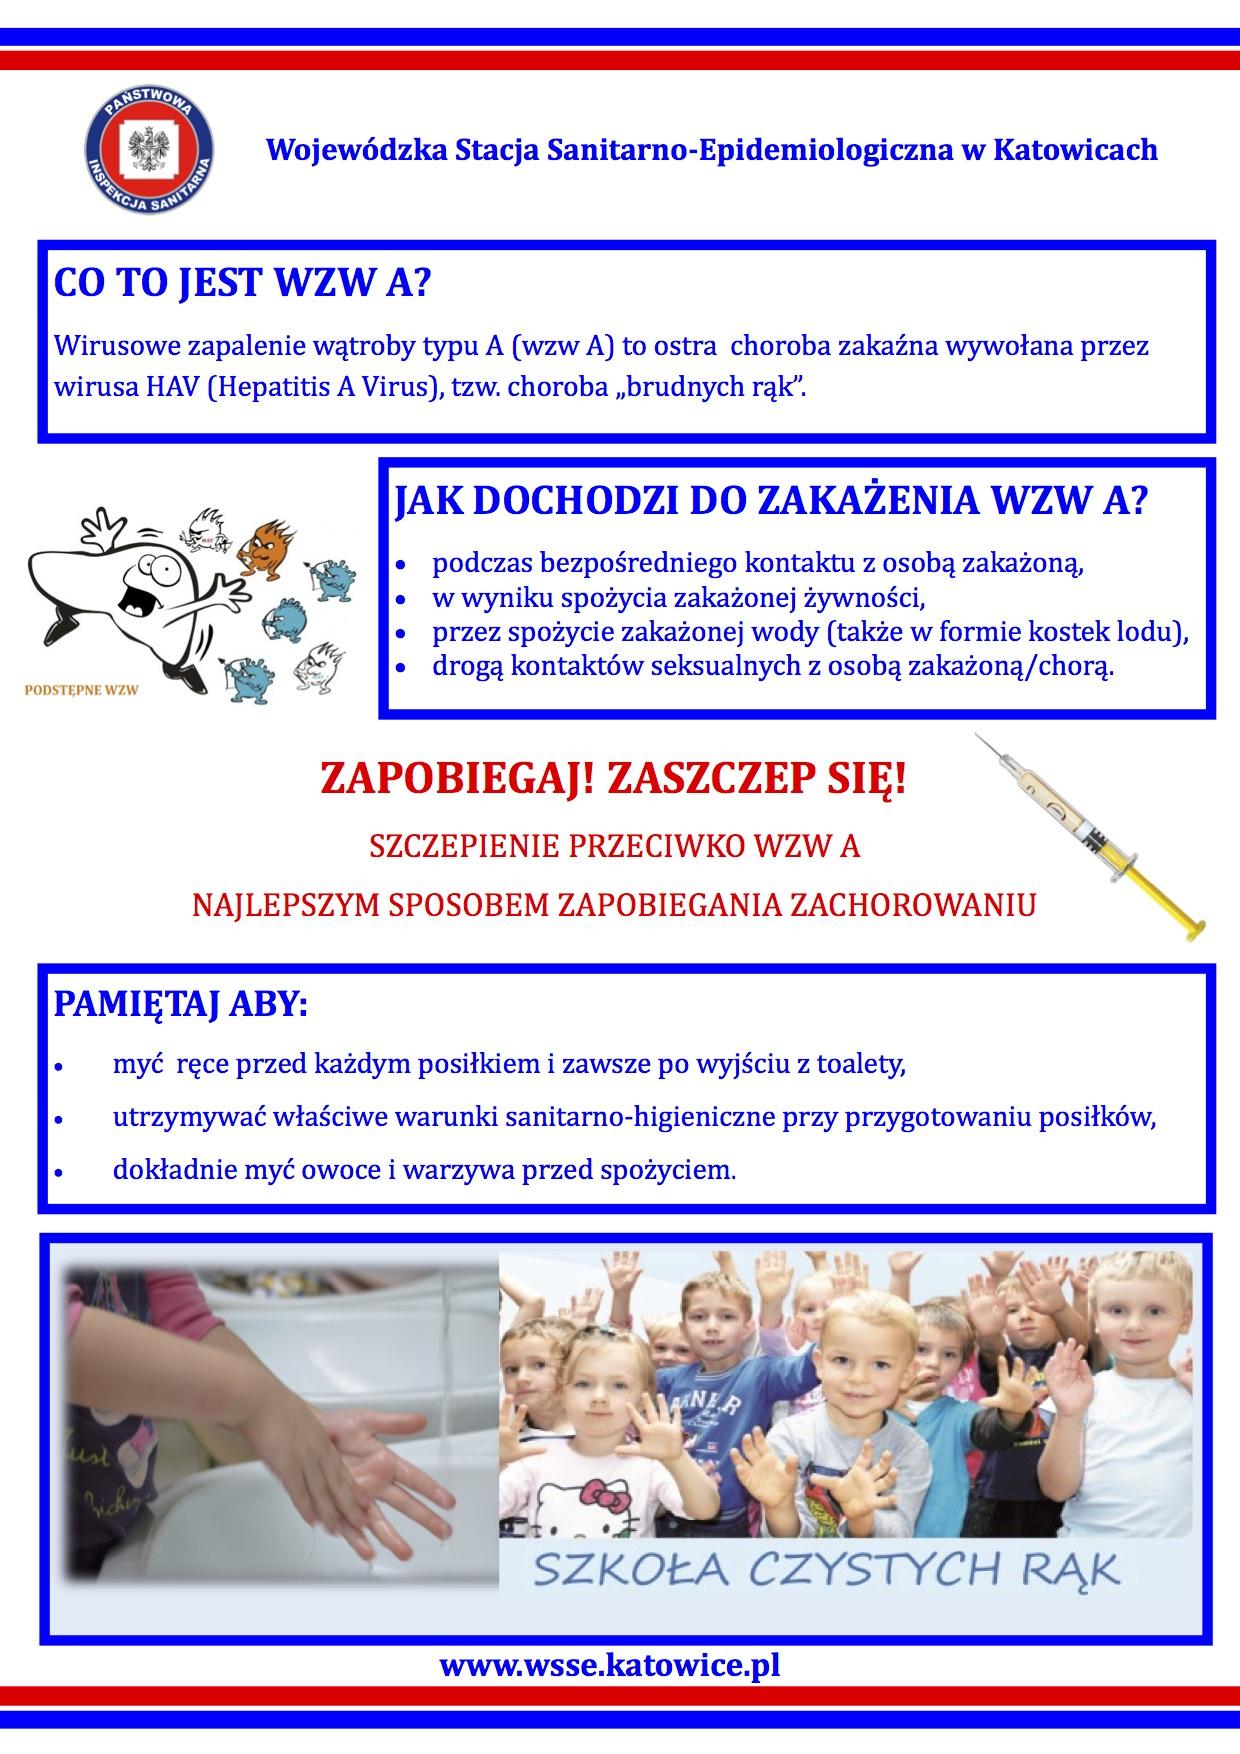 Informacja PPIS w Częstochowie dot. wirusowego zapalenia wątroby typu A